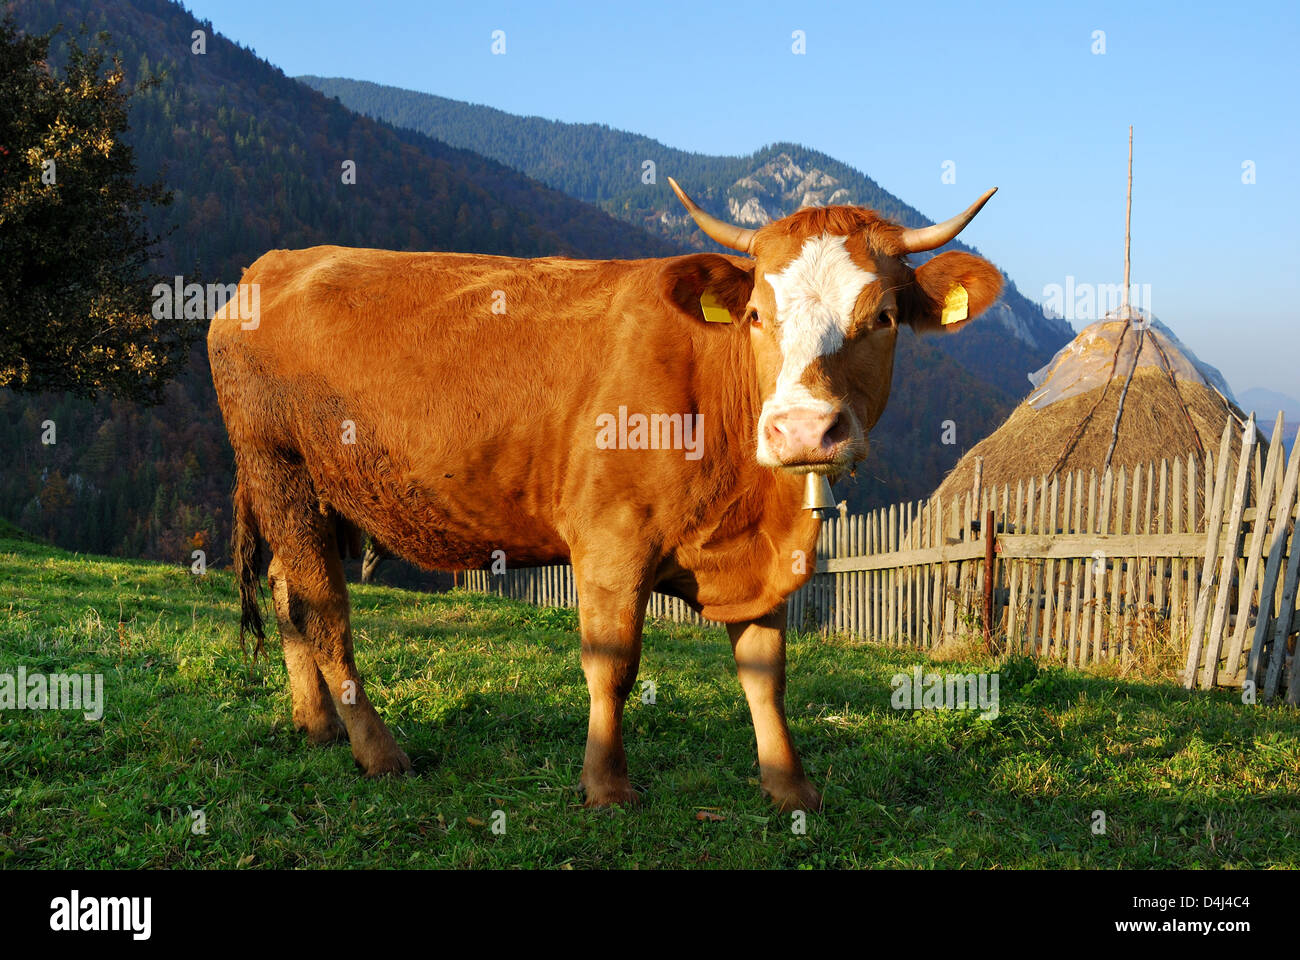 Paisaje rural en las montañas de los Cárpatos con la vaca en la imagen. Foto de stock